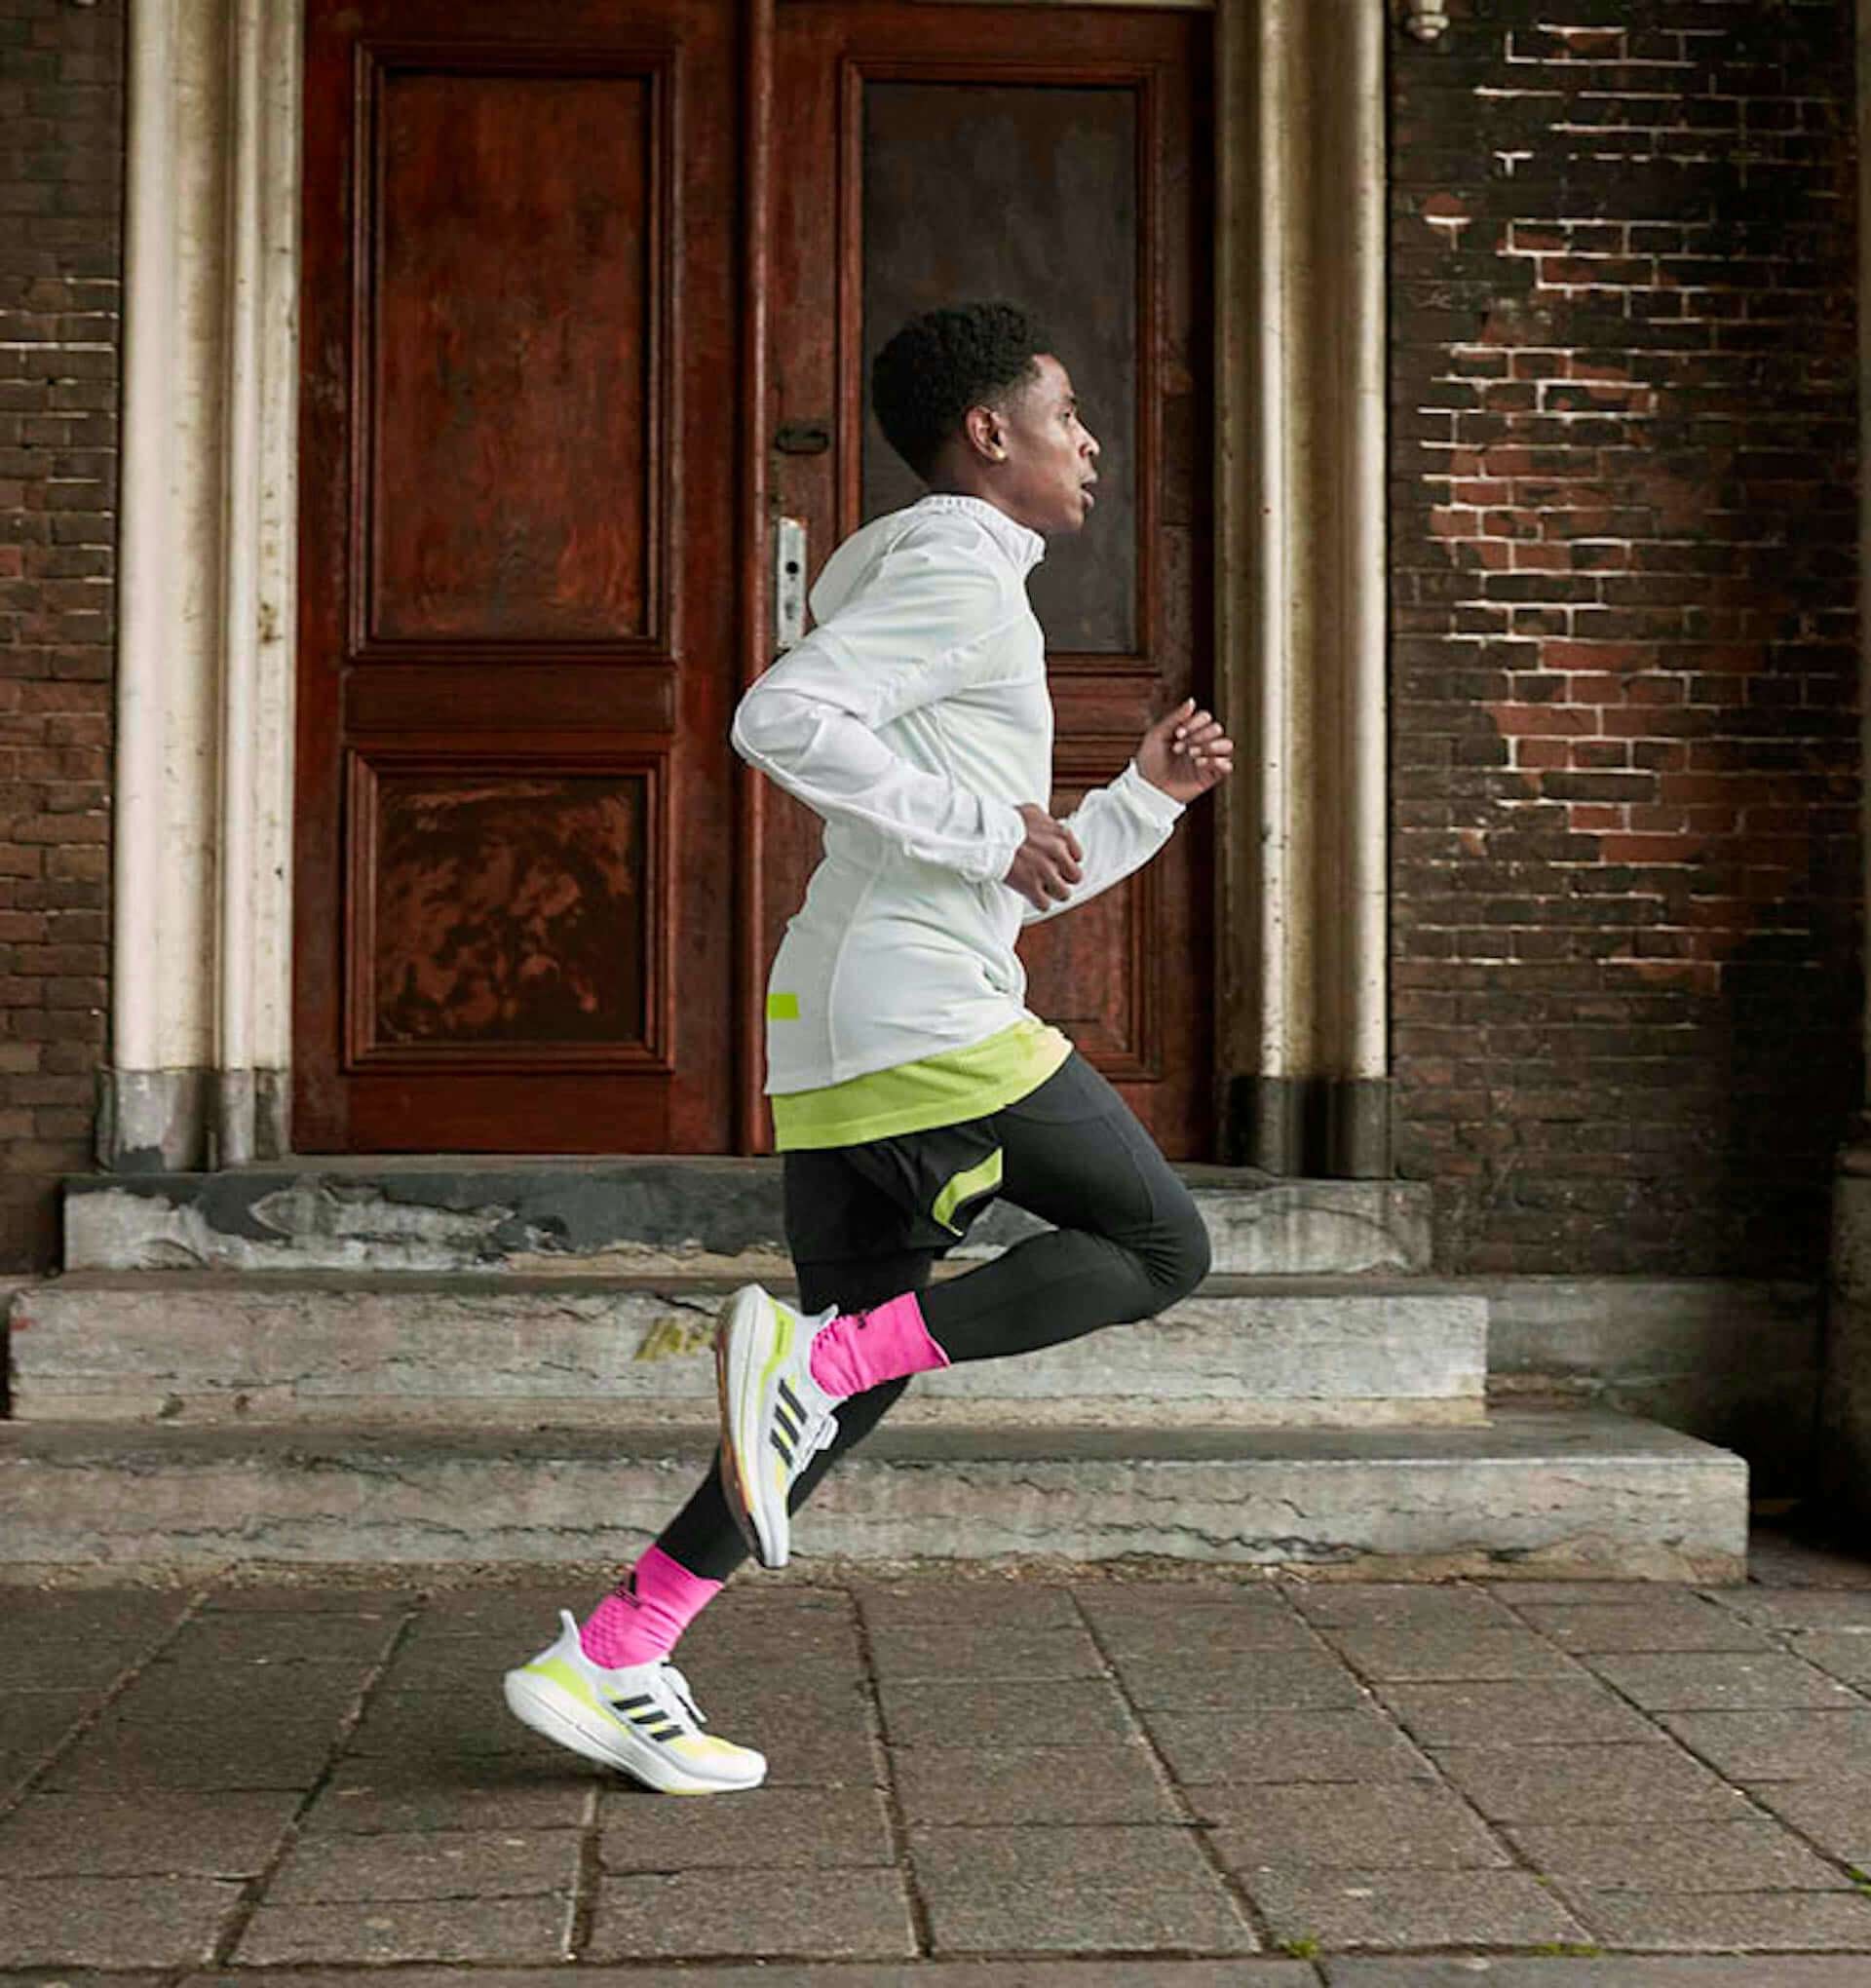 アディダスを象徴するプレミアムランニングシューズが進化!軽量性・クッショニングに優れた最新モデル『Ultraboost 21』が登場 lf210115_adidas_3-1920x2040